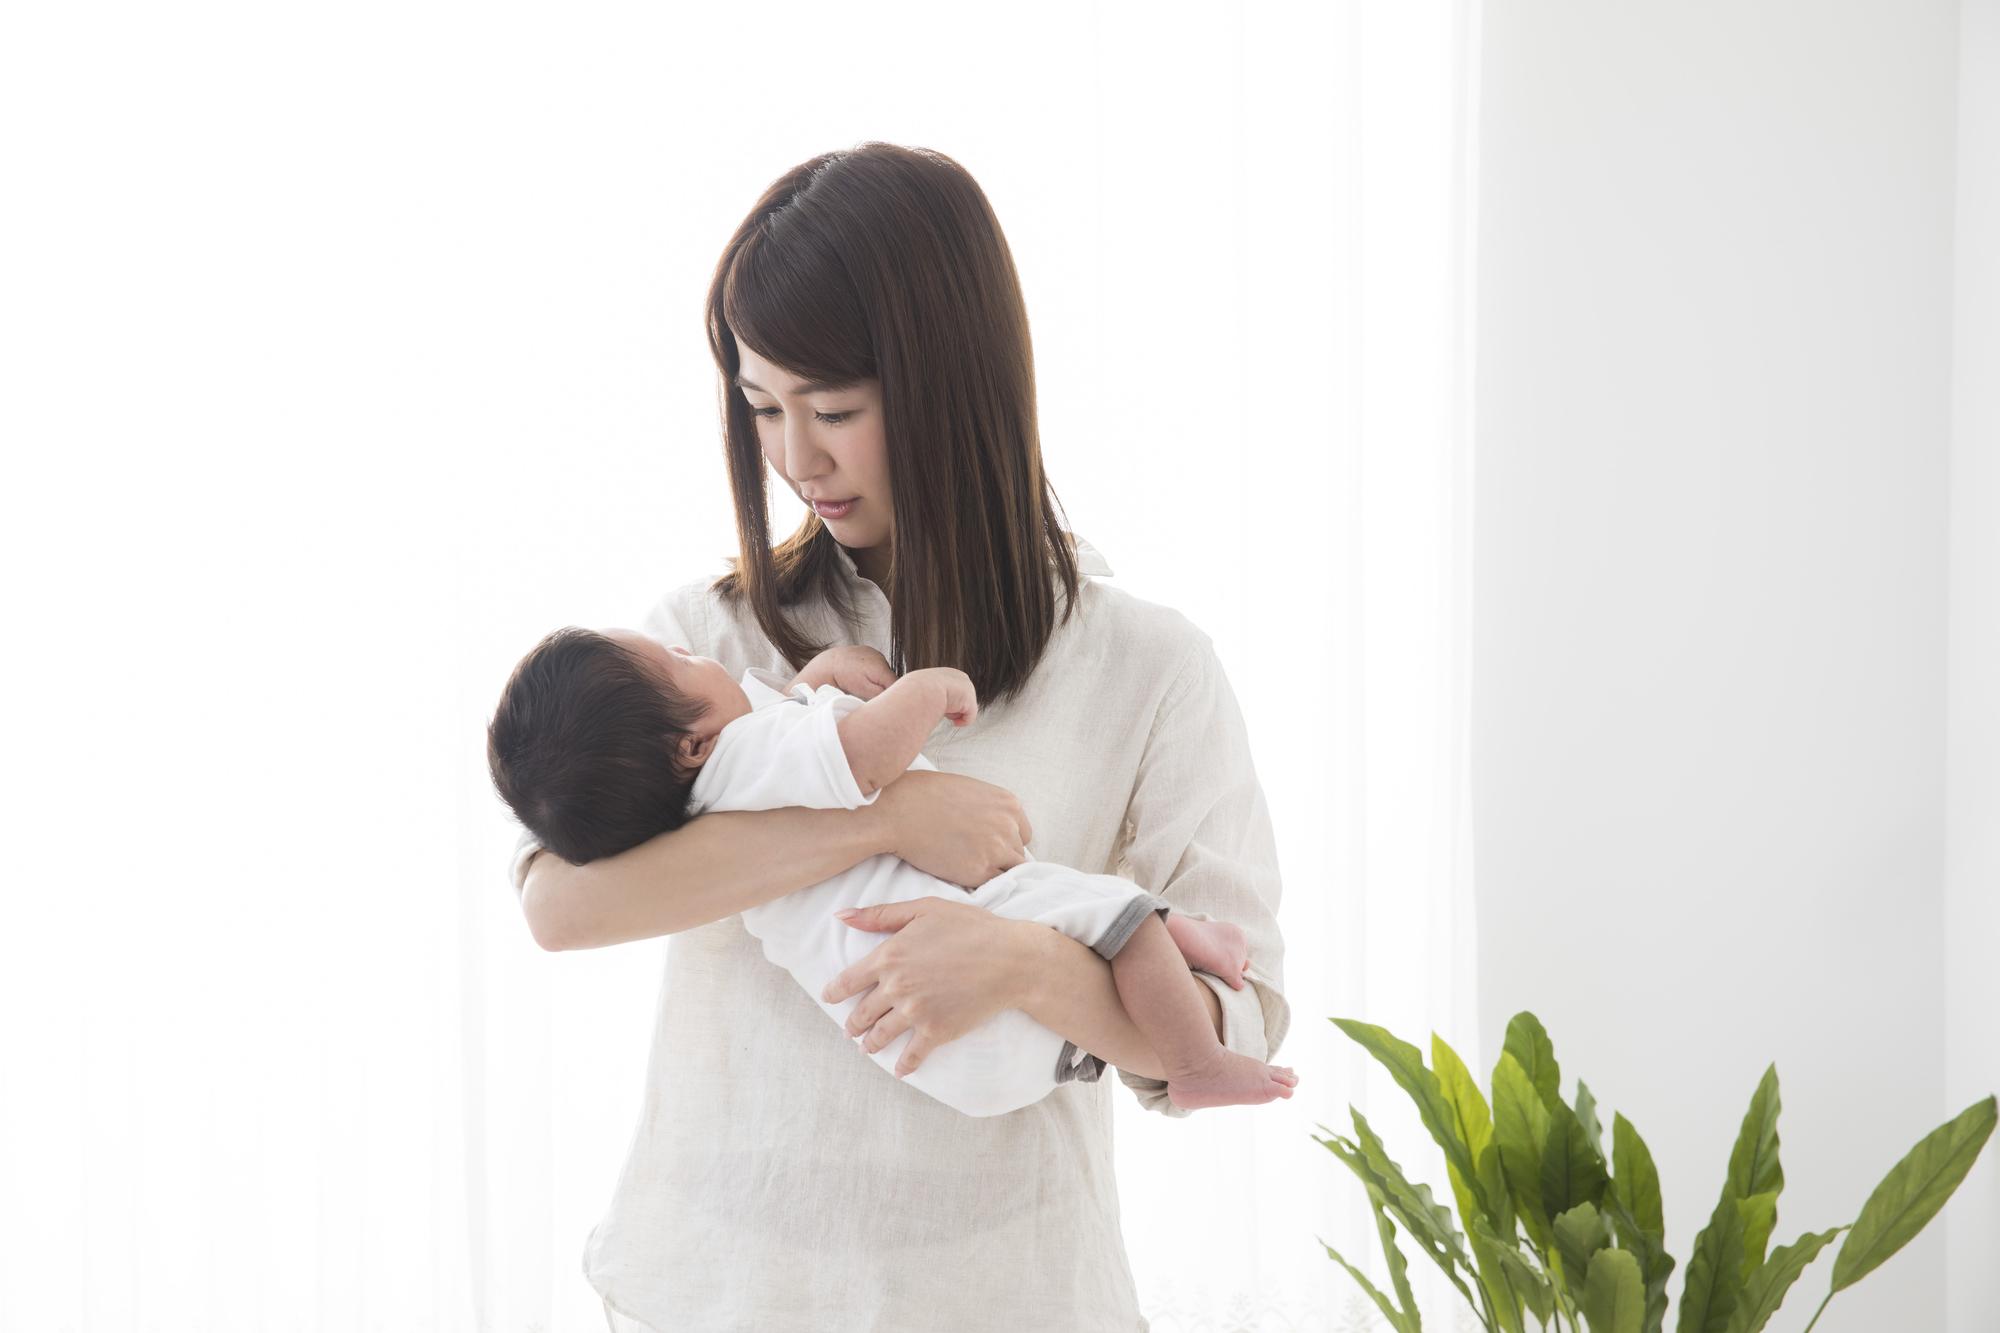 産後「不安で仕方ない」どう乗り越える?いつまで続く?産後うつの可能性も